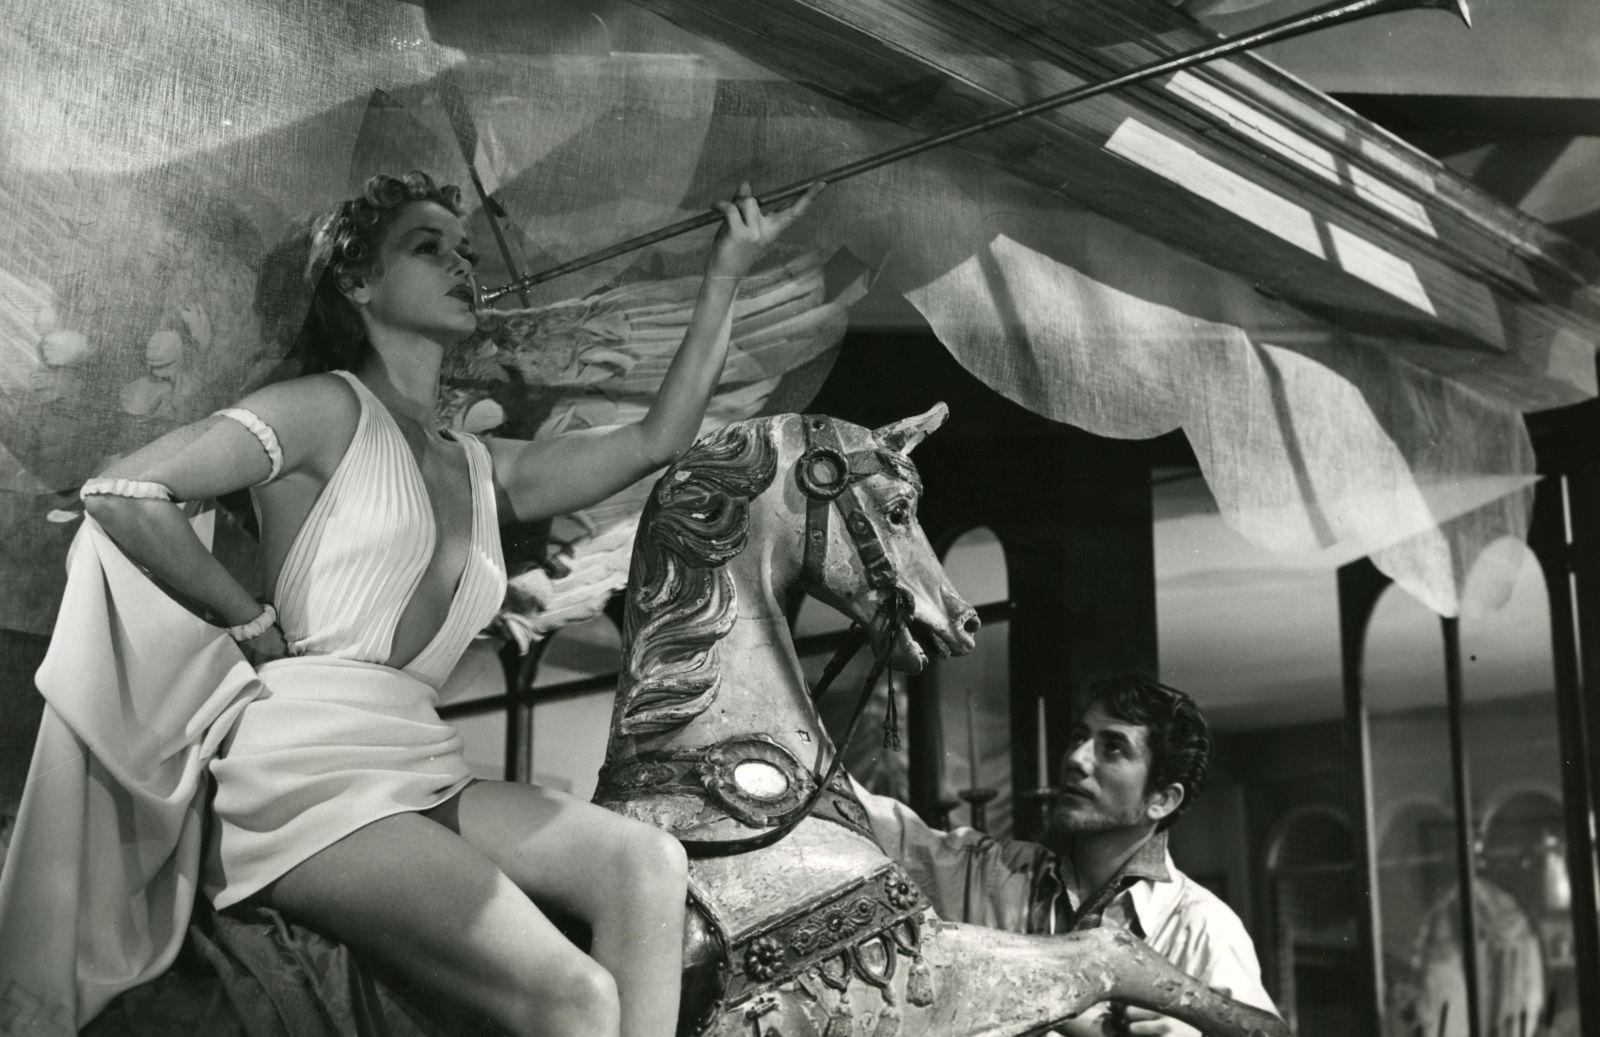 Il piacere: un'immagine del film